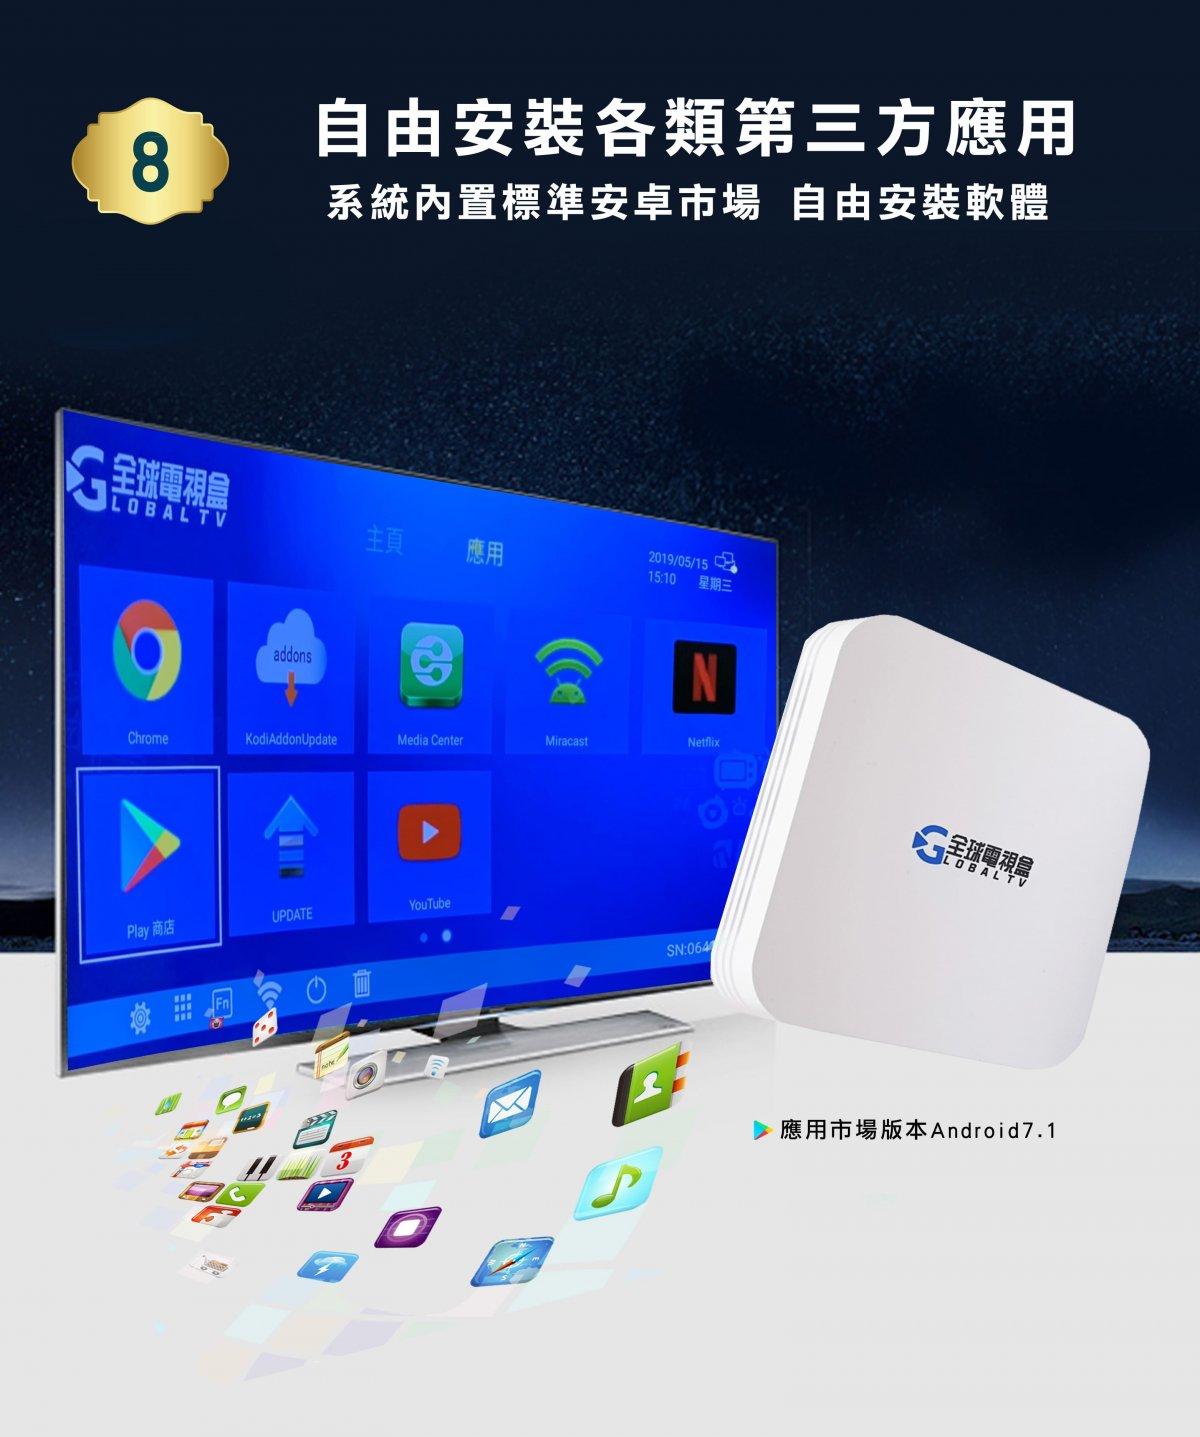 隨著數位電視開播,除了選購一台數位電視之外,跟著也帶動一般家庭對數位機上盒的需求。如果你只是單純享看無線數位電視頻道的話,那麼現在購買的數位電視,裝數位電視是要買一個數位機上盒,將第四台的線接在機上盒的IN(輸入),在將機上盒的OUT(輸出)接一條線到電視這樣就能看了 新出的電視有些有附數位機上盒